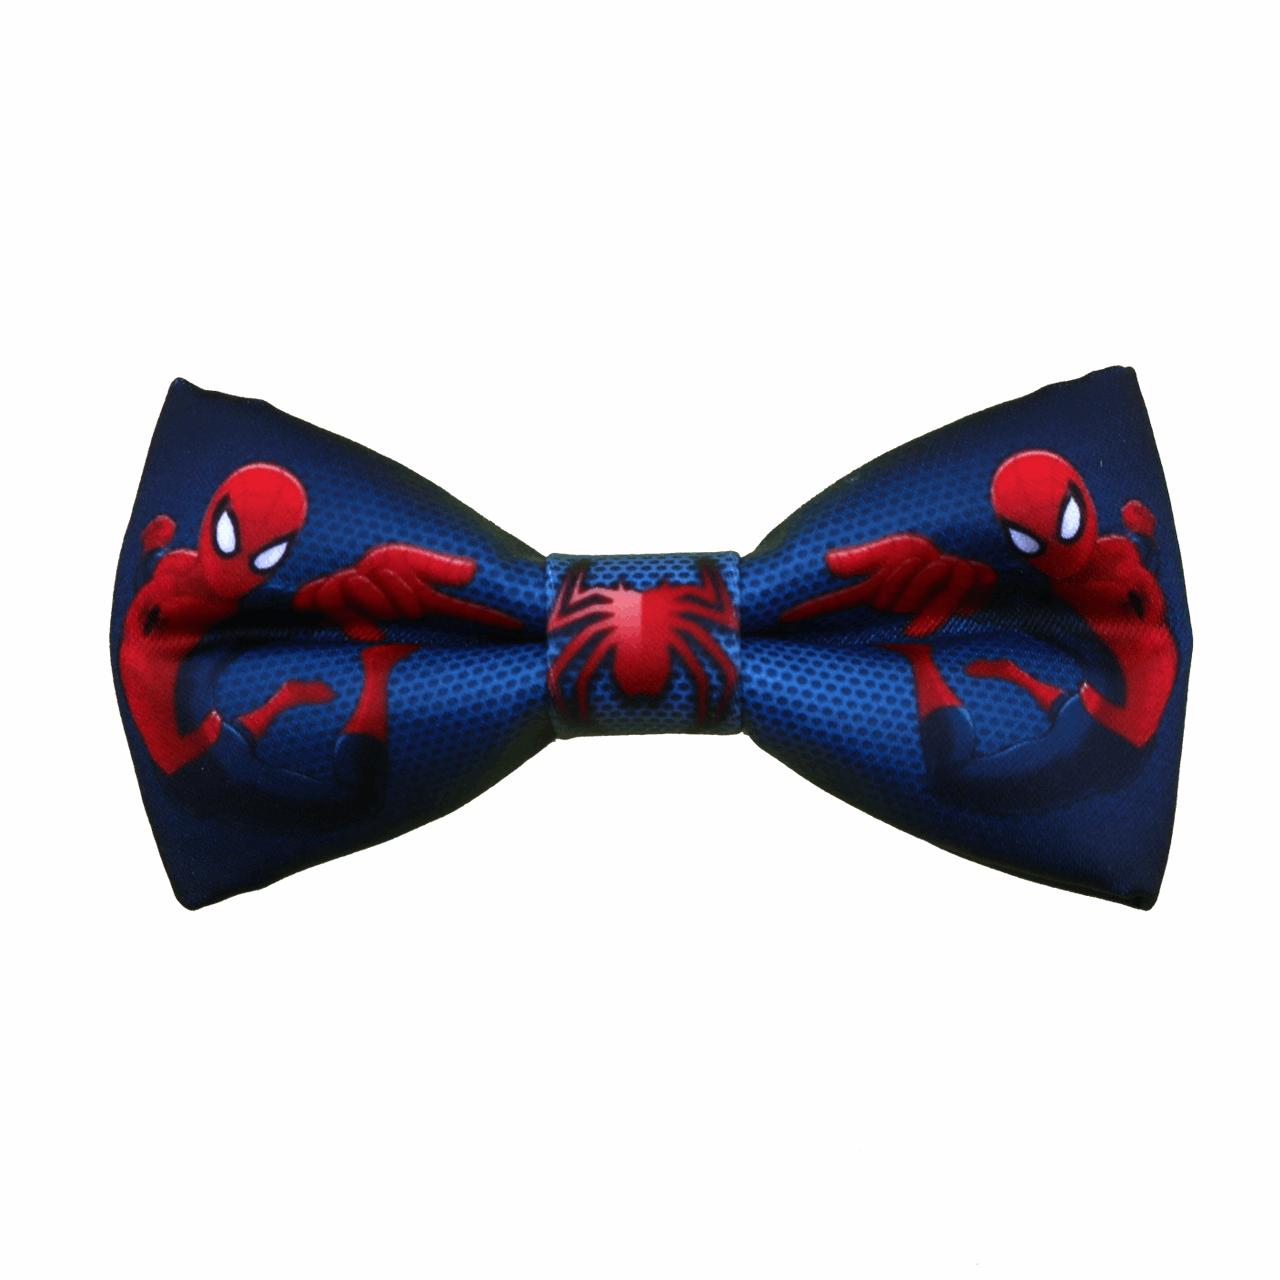 پاپیون پسرانه طرح مرد عنکبوتی